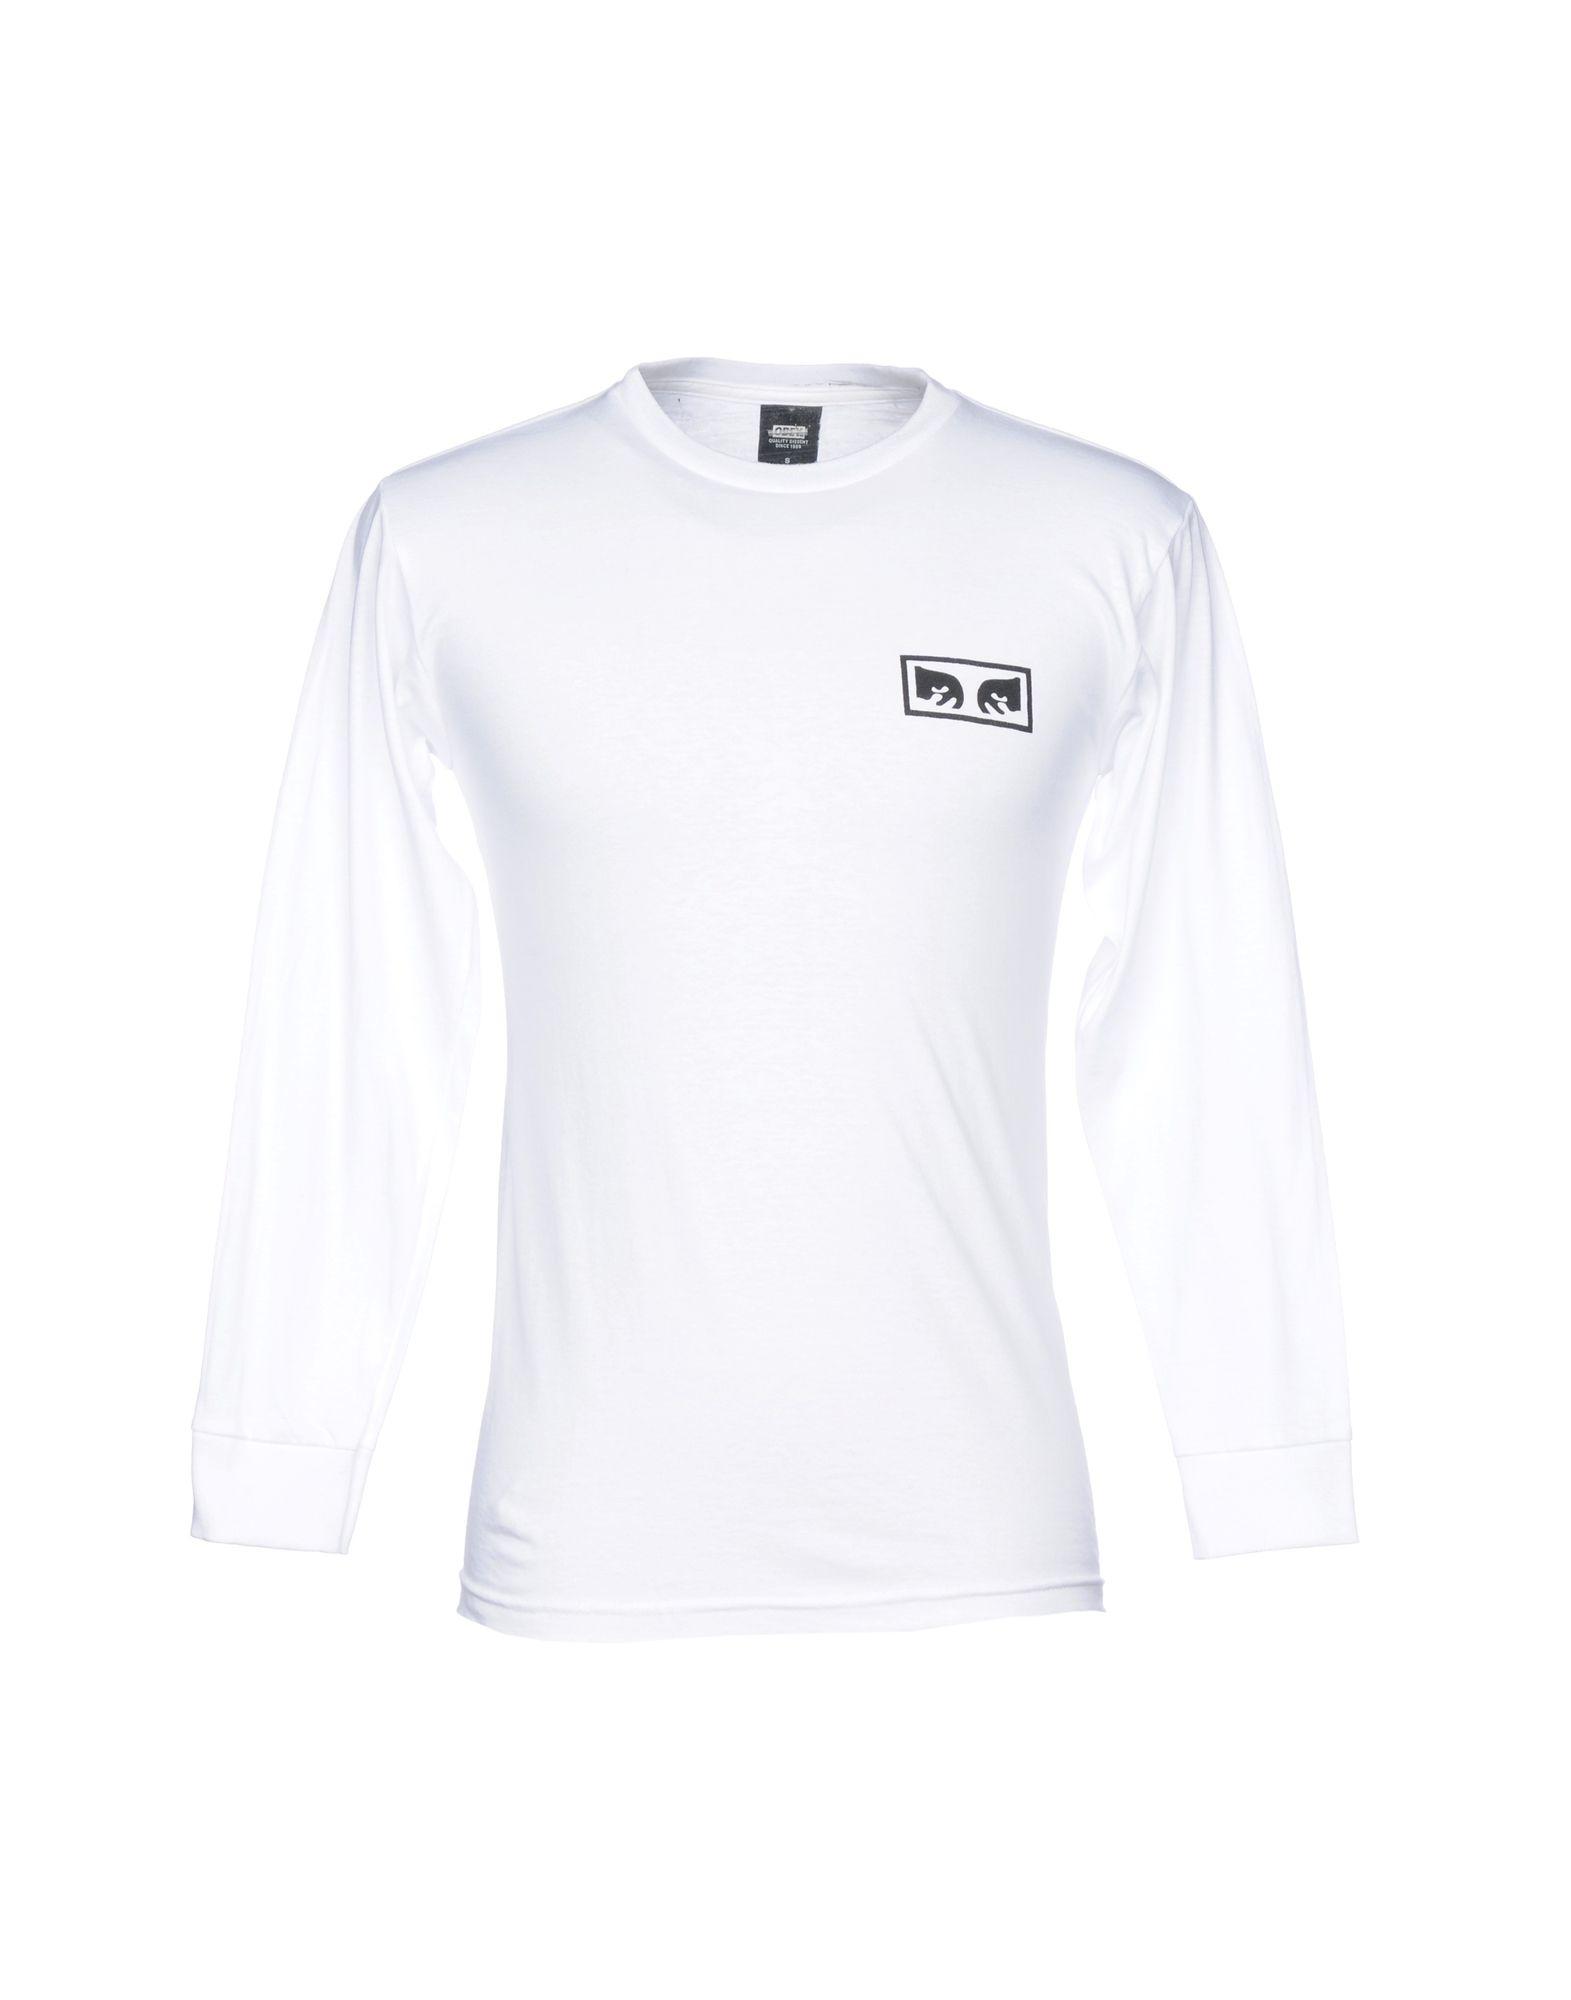 A buon mercato A buon mercato - T-Shirt Obey Uomo - mercato 12196809UC e2c1ea